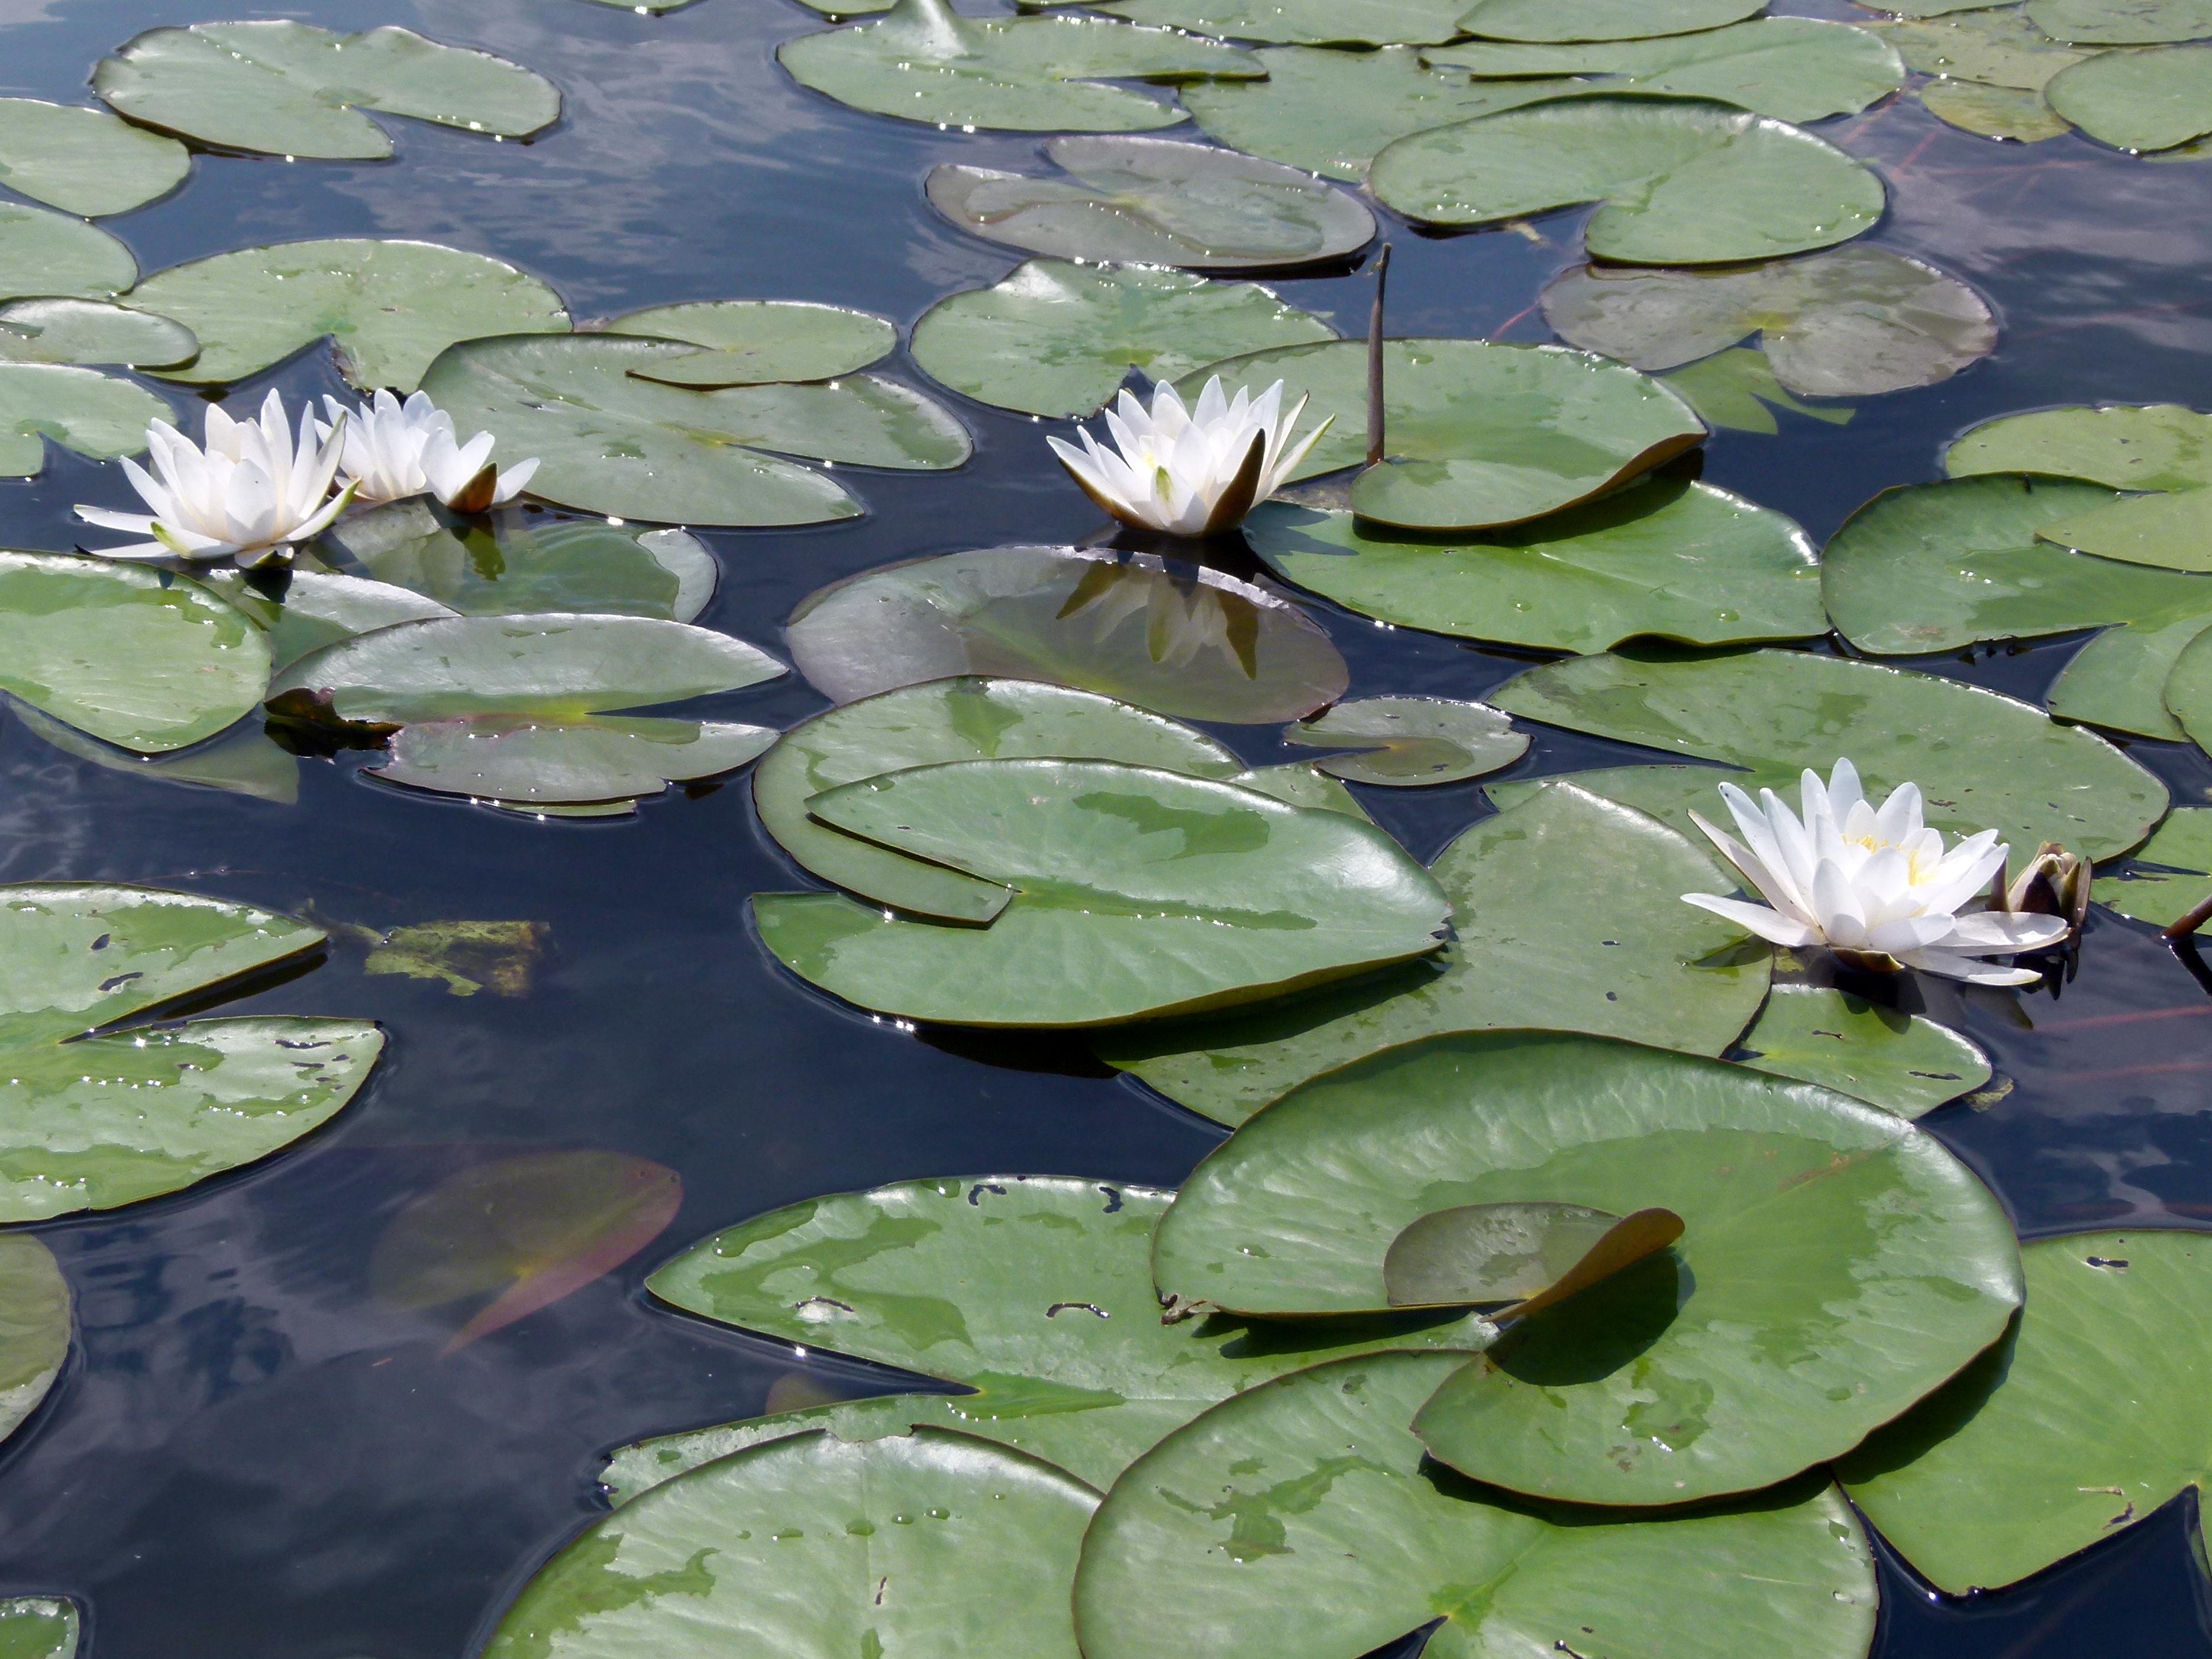 Große grüne Seerosenblättern mit einigen weißen Blüten